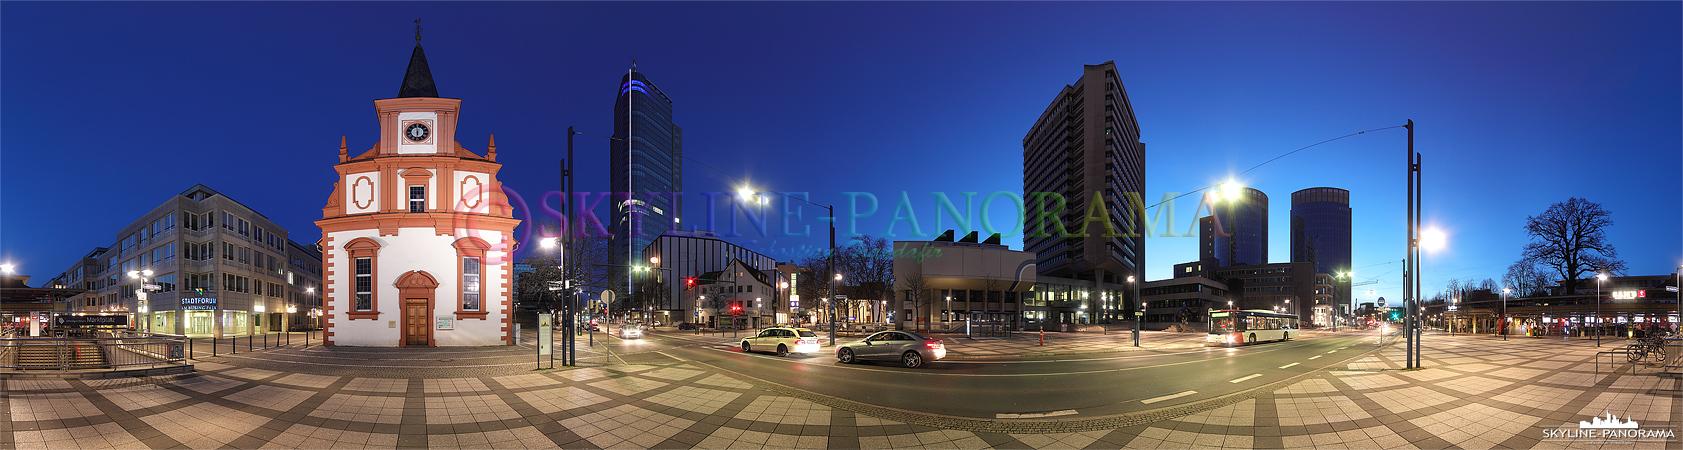 Bilder aus Offenbach - Die Berliner Straße als Panorama in der Dämmerung mit Blick auf die Französisch-Reformierte Kirche am linken Bildrand und folgend den City Tower, das Rathaus und die zwei Türme des Hauses der Wirtschaft.